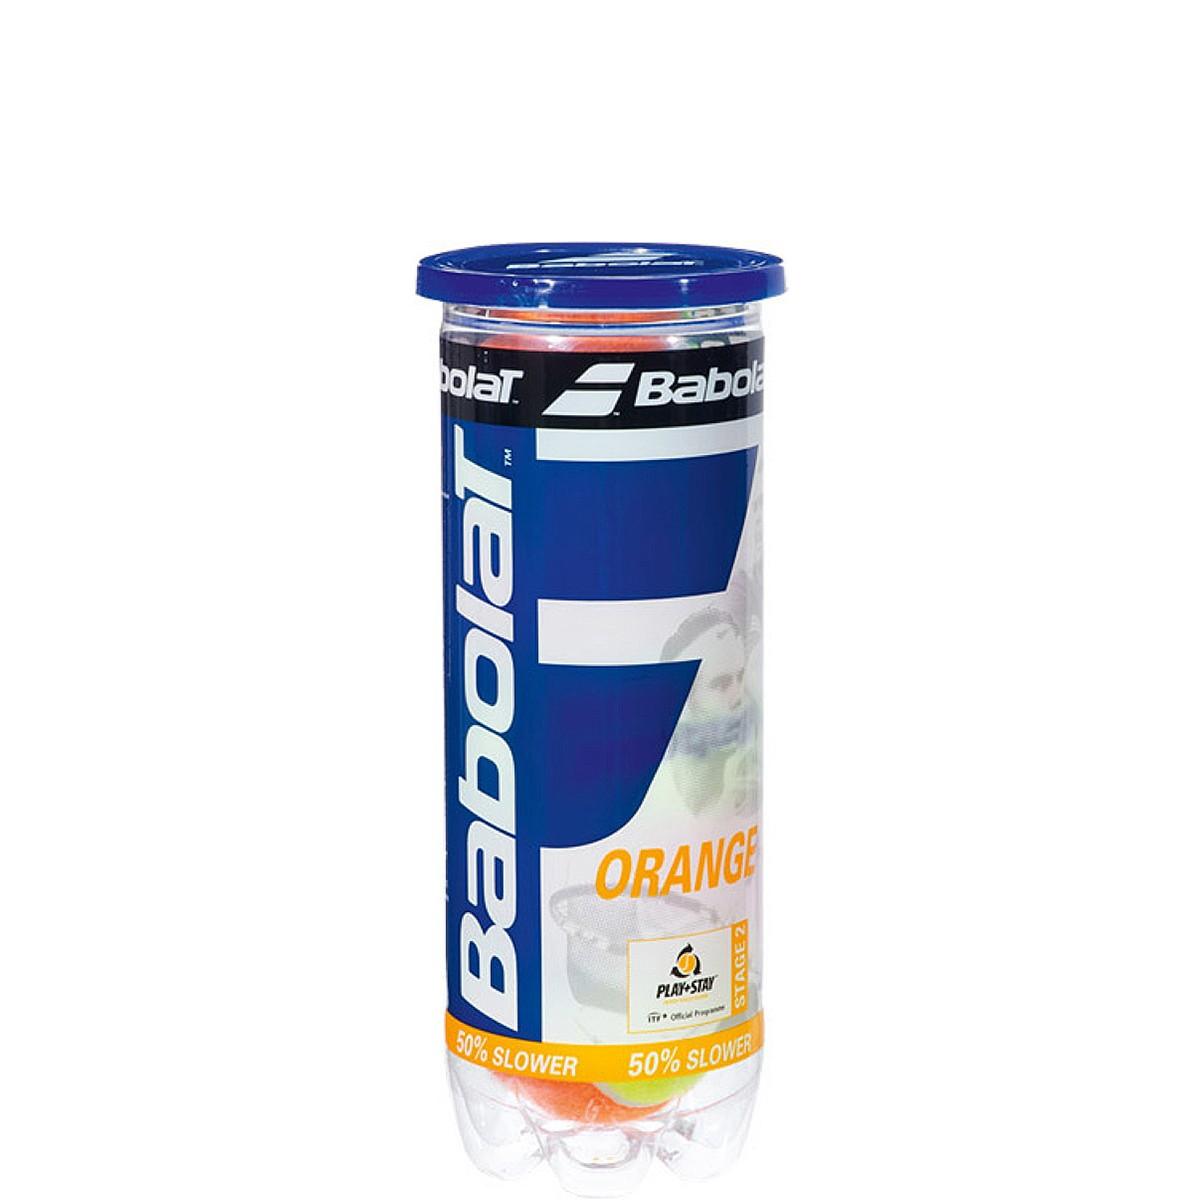 CAN OF 3 BABOLAT ORANGE TENNIS BALLS